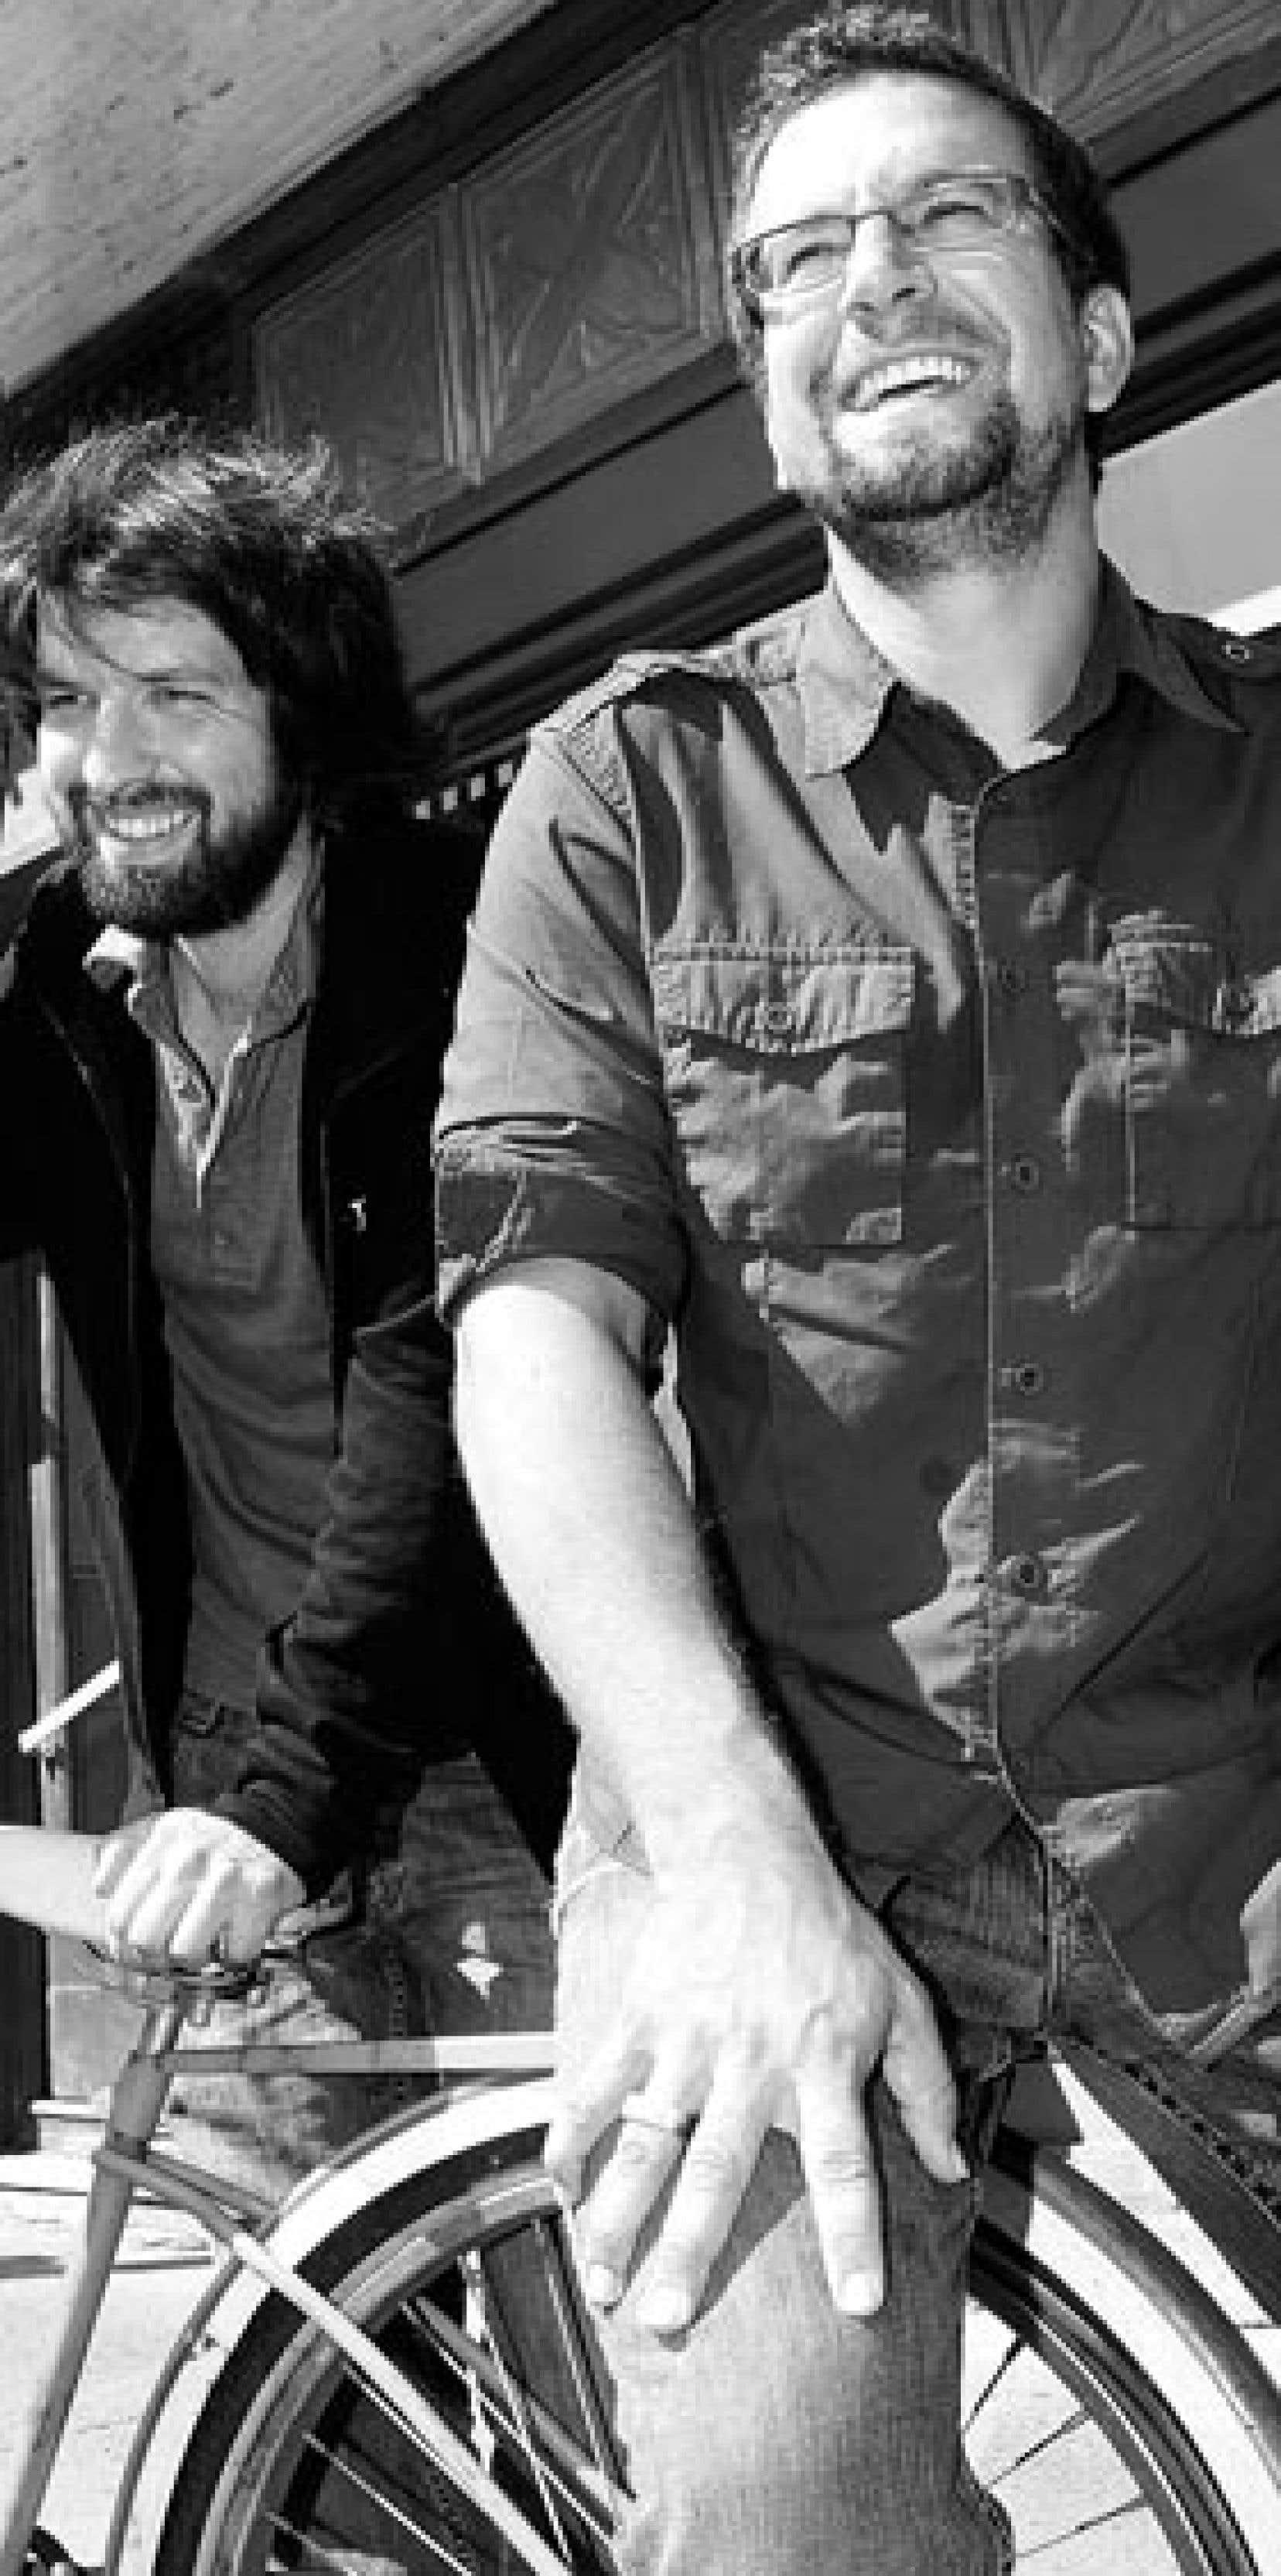 Le guitariste François Lafontaine et le batteur Marc-André Brazeau arborent en tout temps leur sourire contagieux.